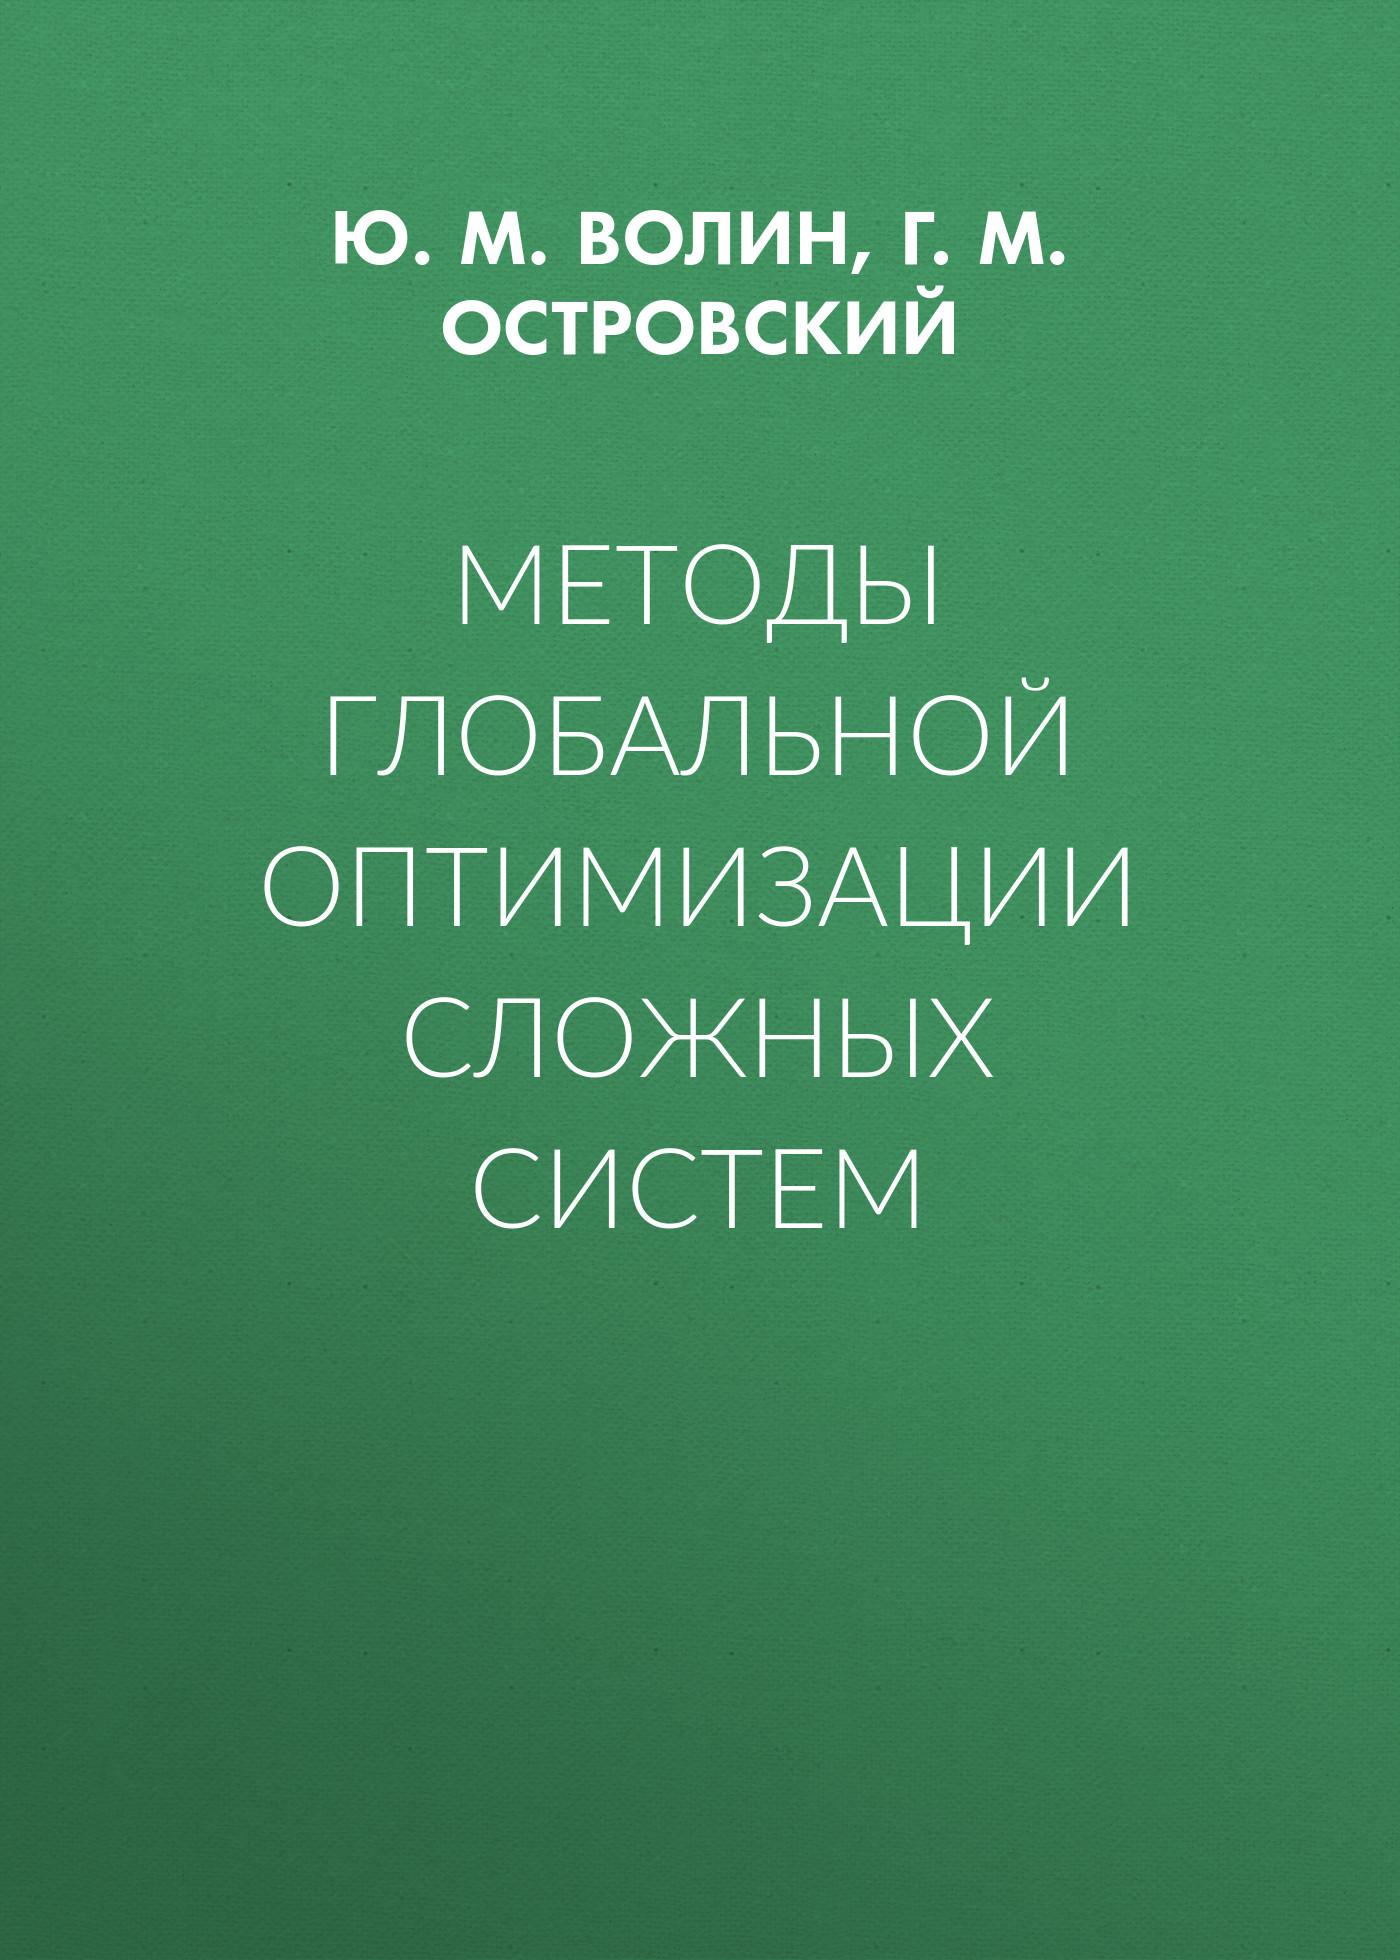 Ю. М. Волин Методы глобальной оптимизации сложных систем б ю норман русский язык в задачах и ответах